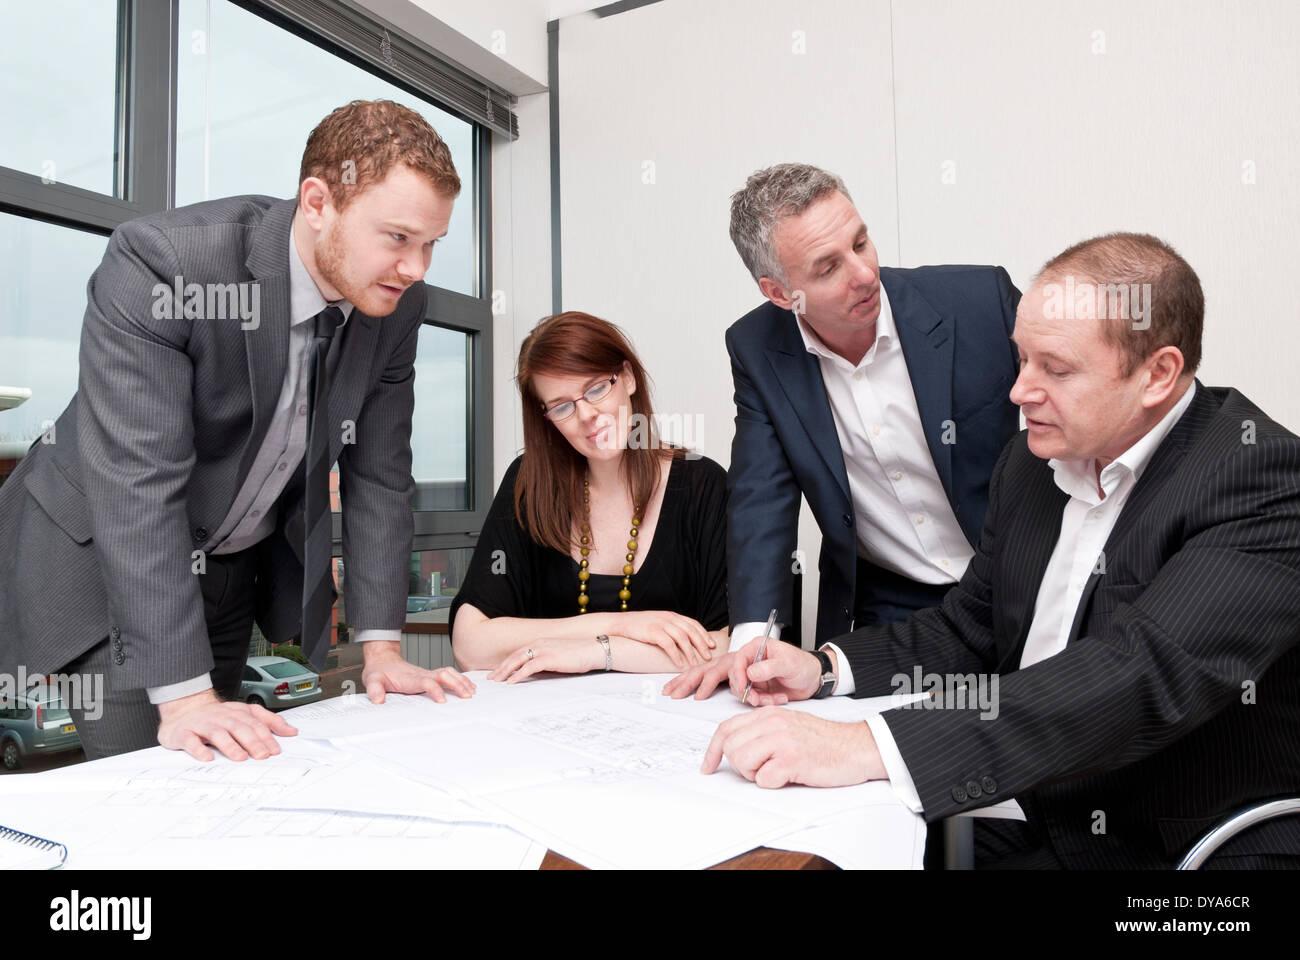 https www alamyimages fr quatre personnes autour d une table de salle de reunion image68451399 html